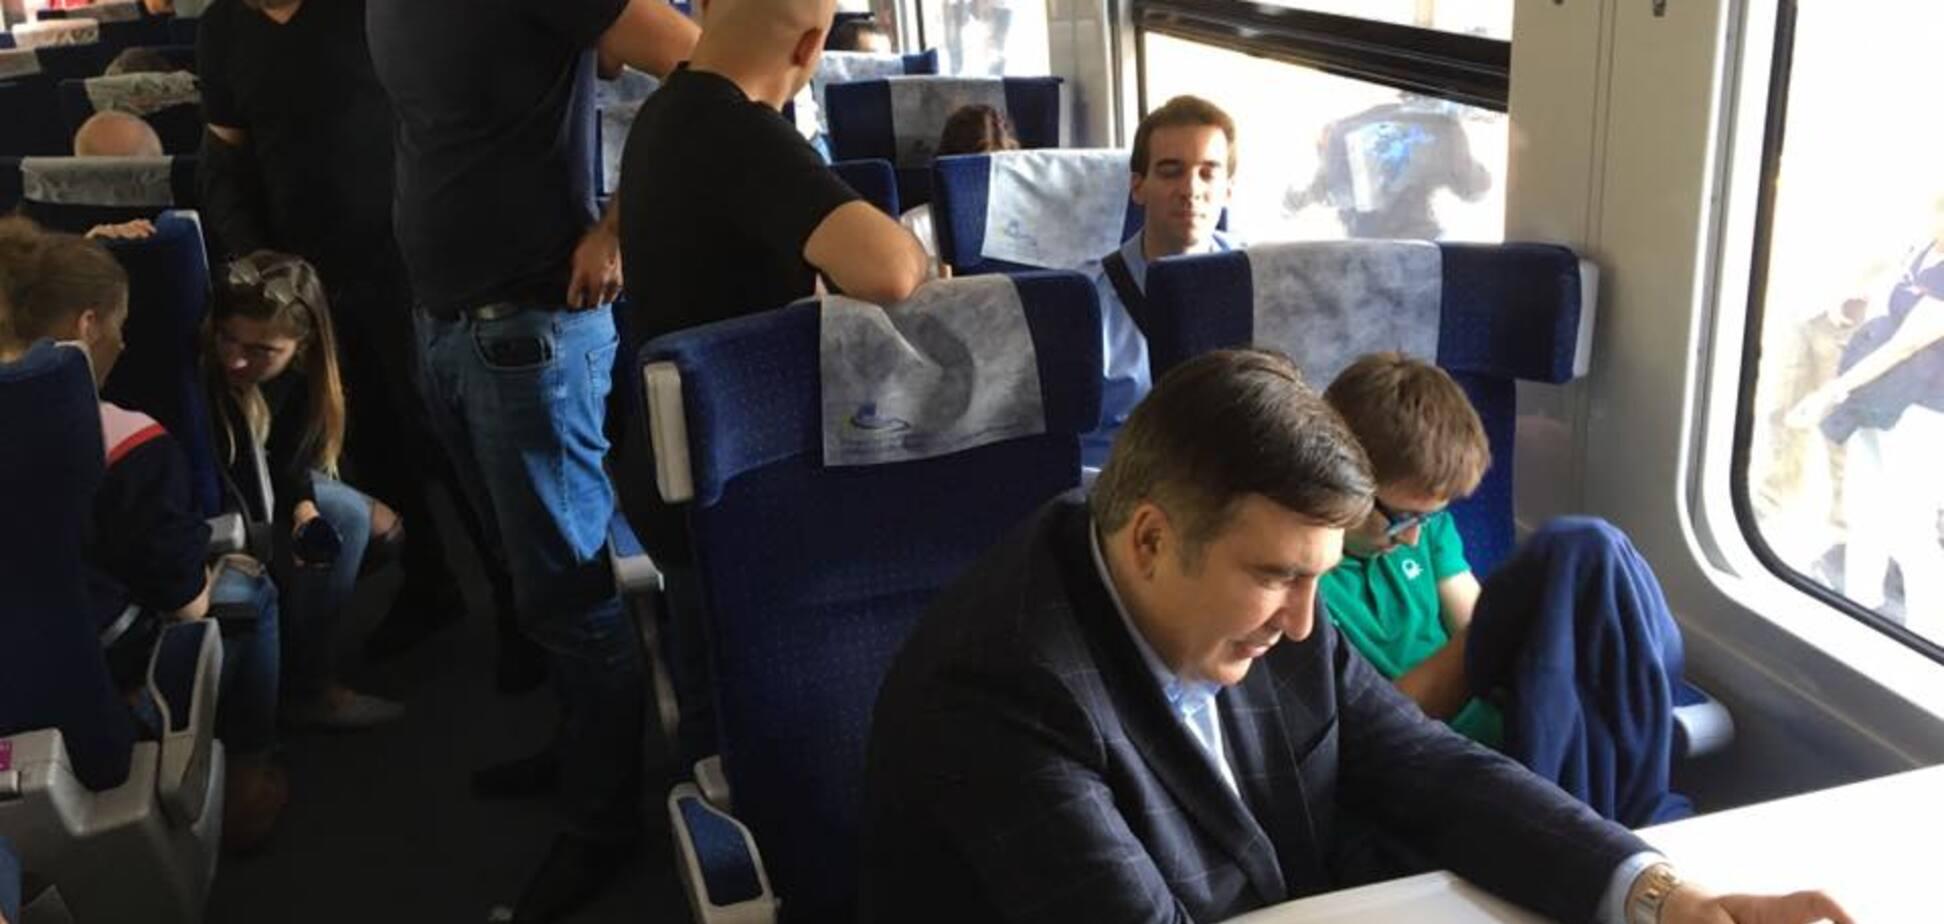 МИД Польши вызвал Дещицу 'на ковер' из-за Саакашвили: посол опроверг 'приглашение'